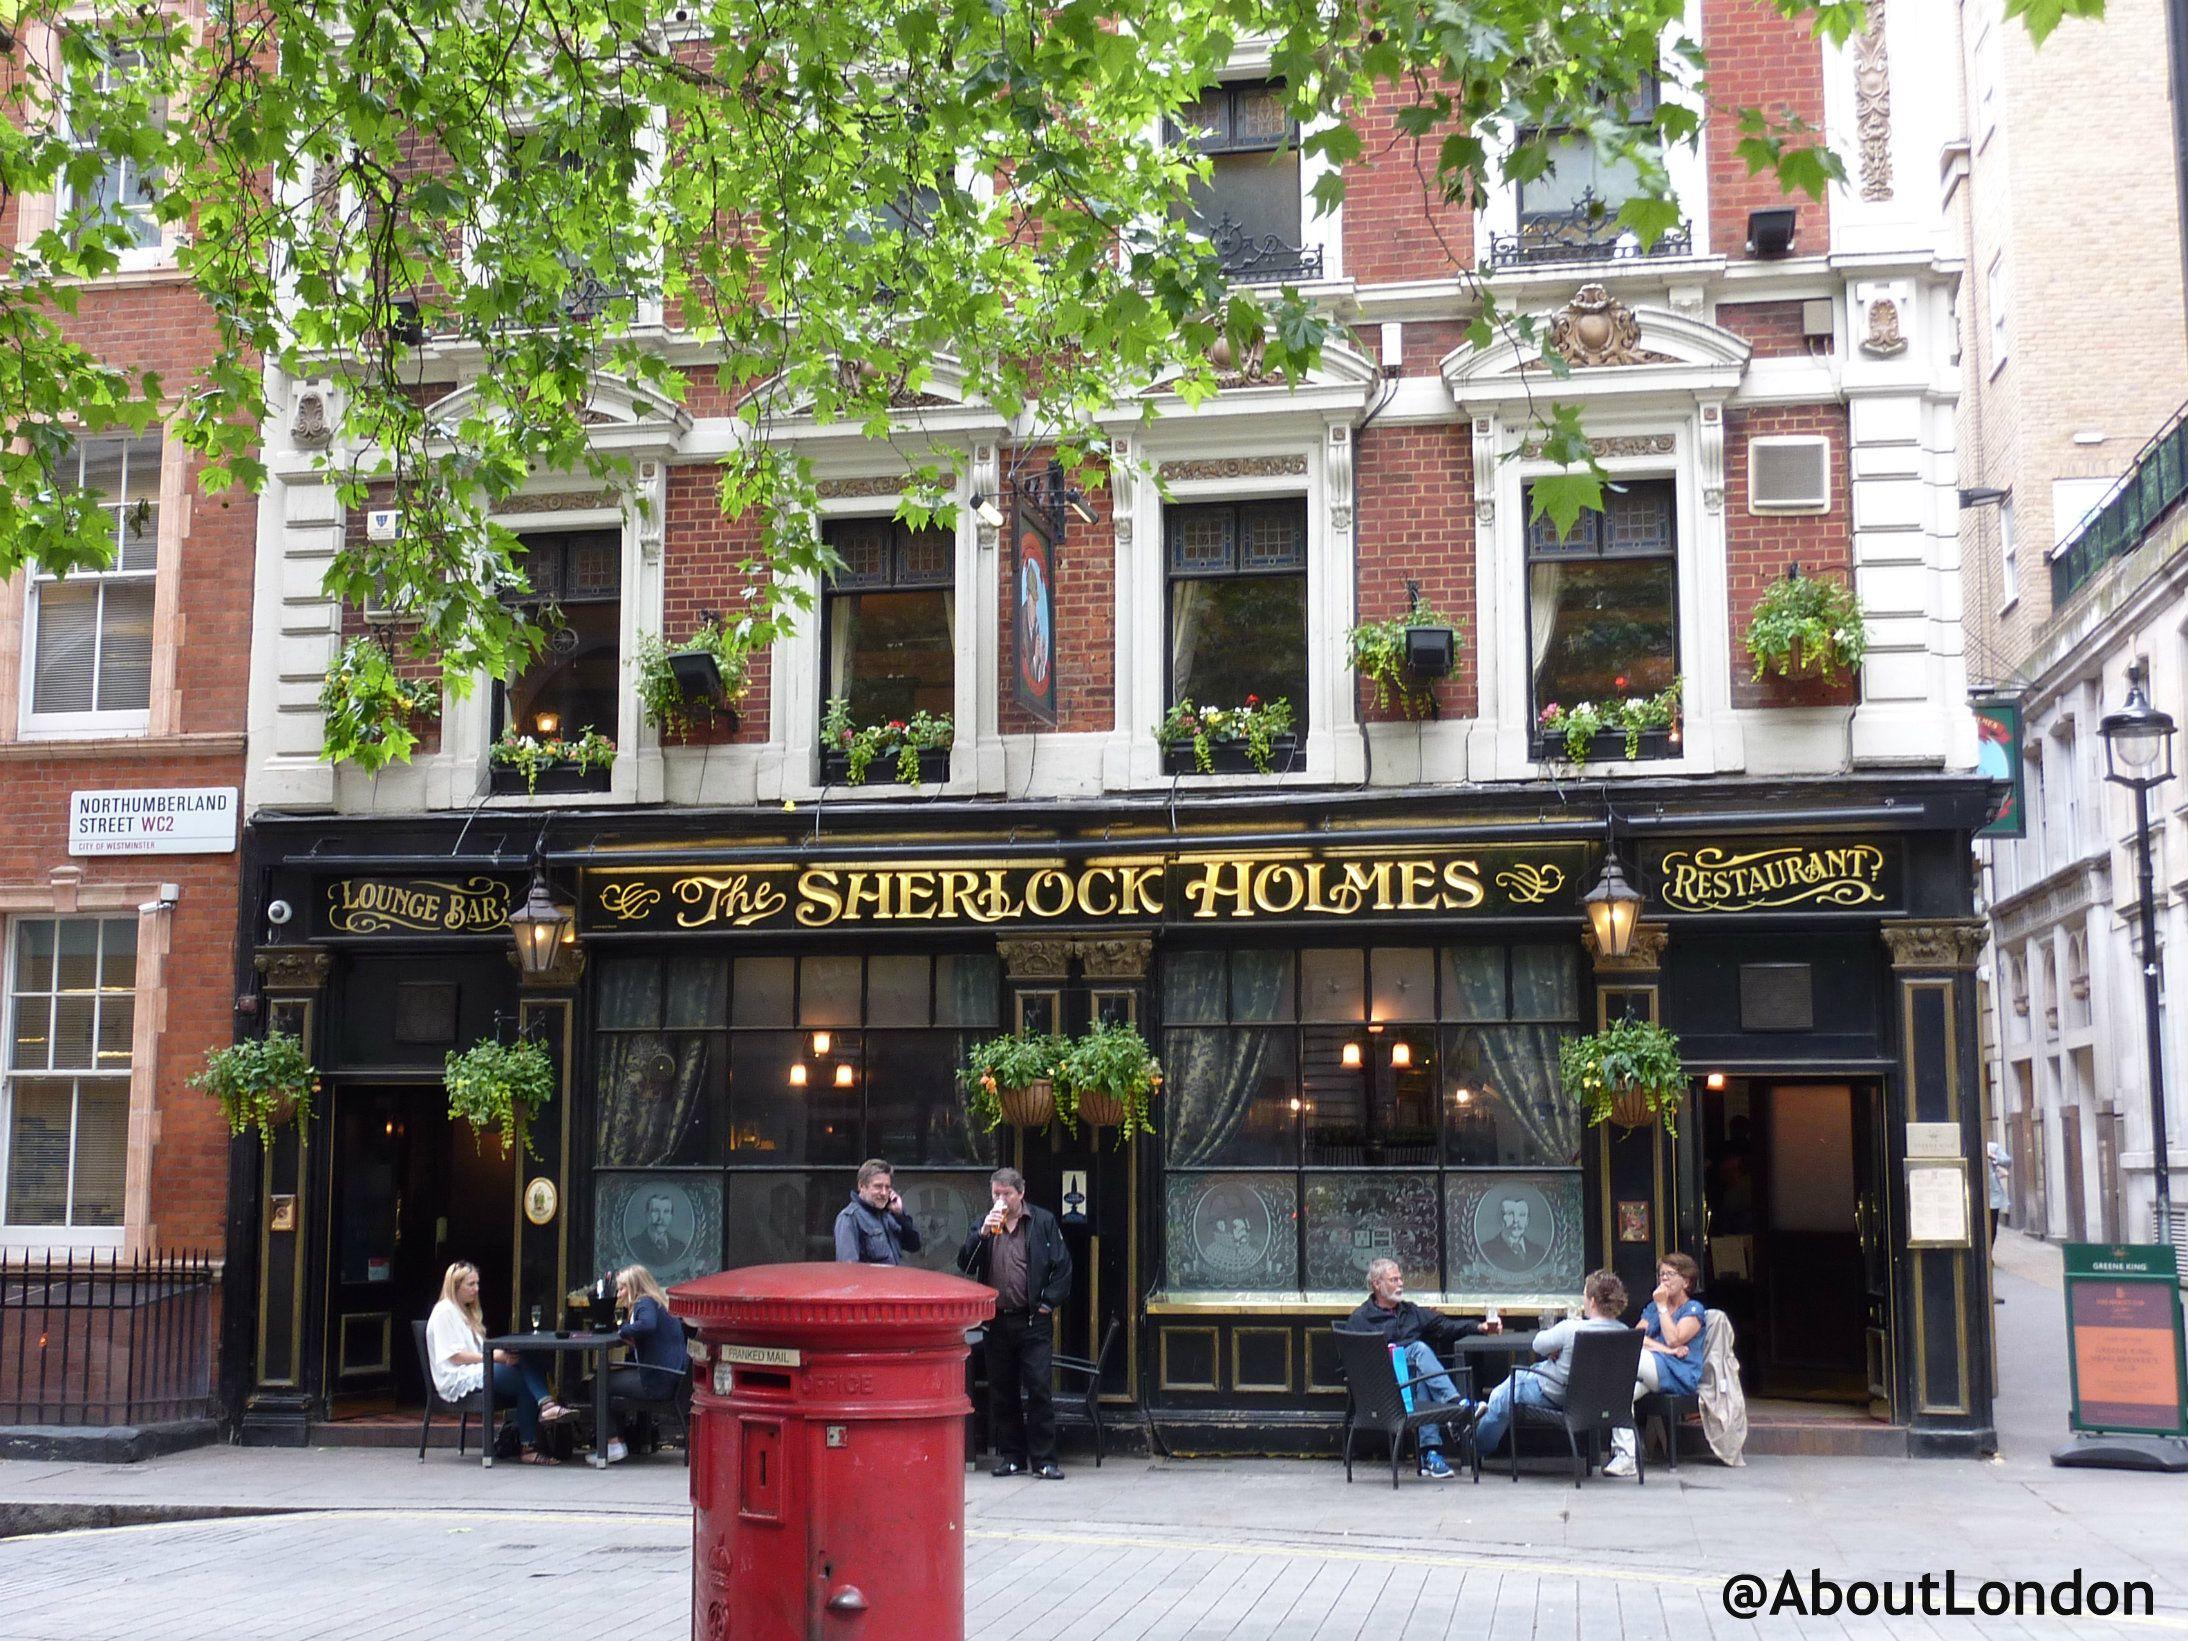 Trafalgar Square Dining Re mendations